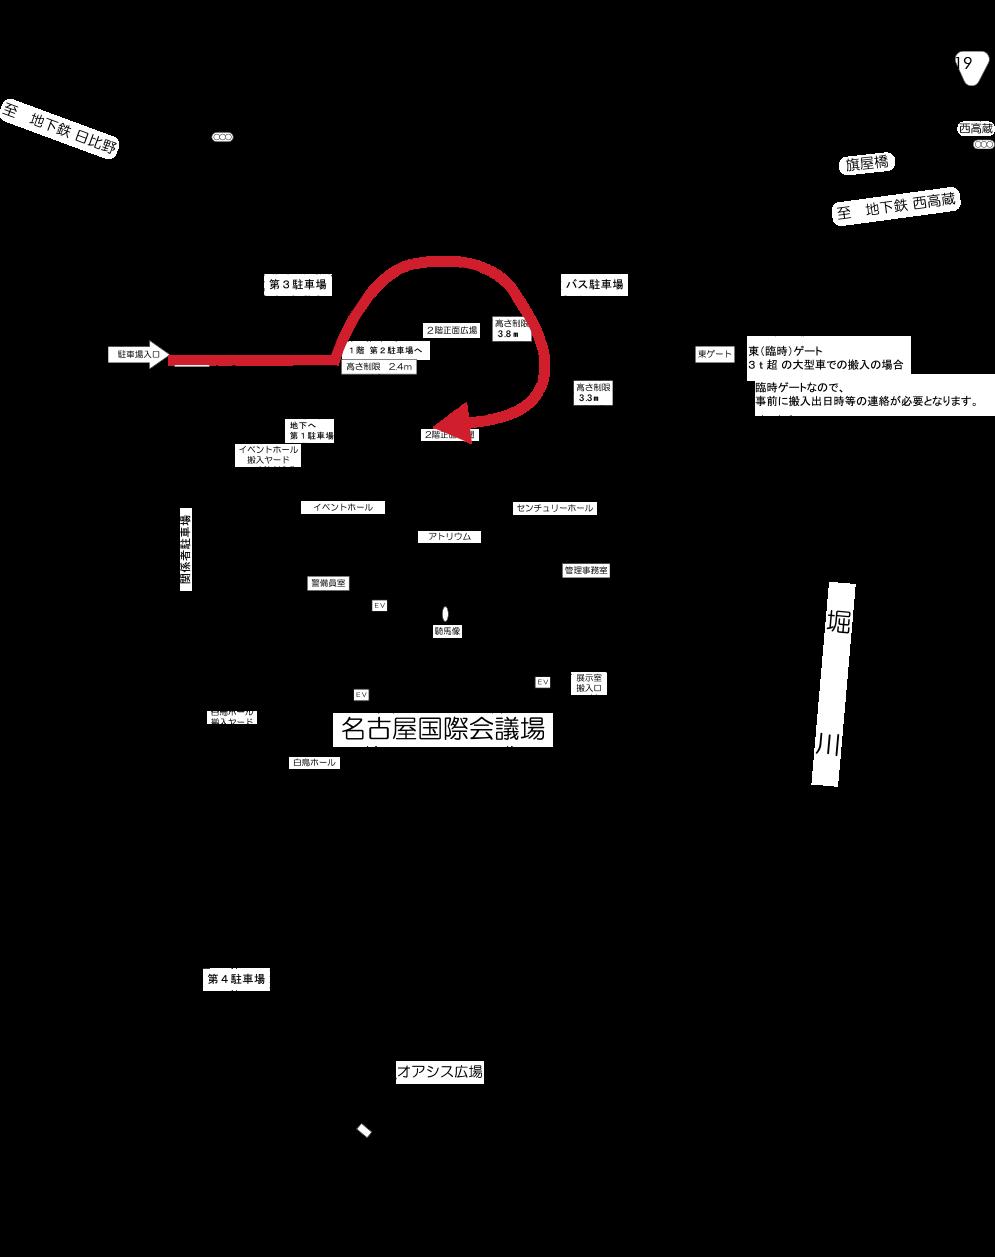 センチュリーホール搬入口の経路イメージ